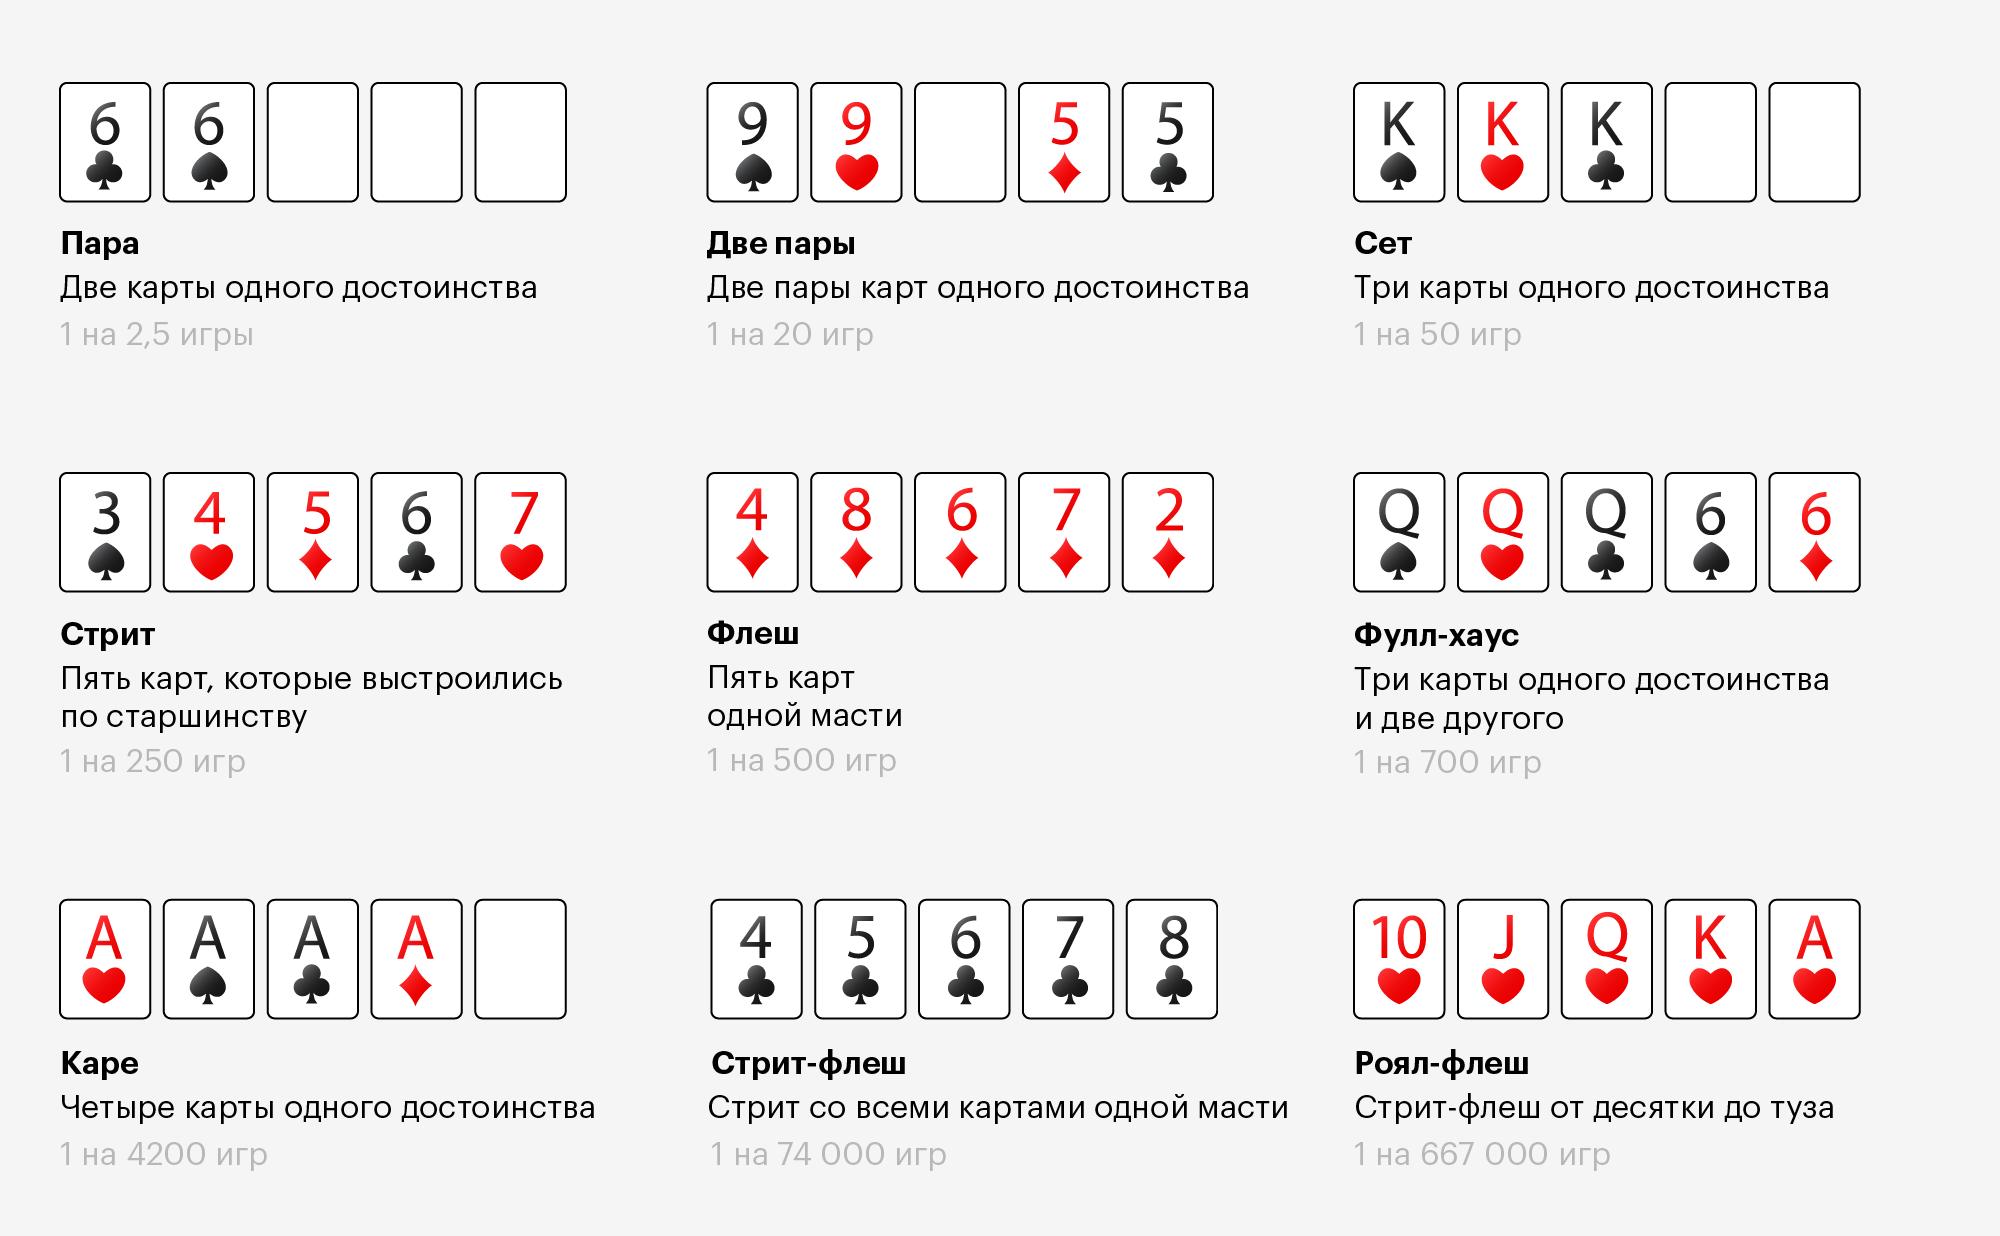 Рейтинг комбинаций: худшая — пара, лучшая — роял-флеш. Если игроки не собрали ни одной комбинации, выигрывает тот, у кого старше карта